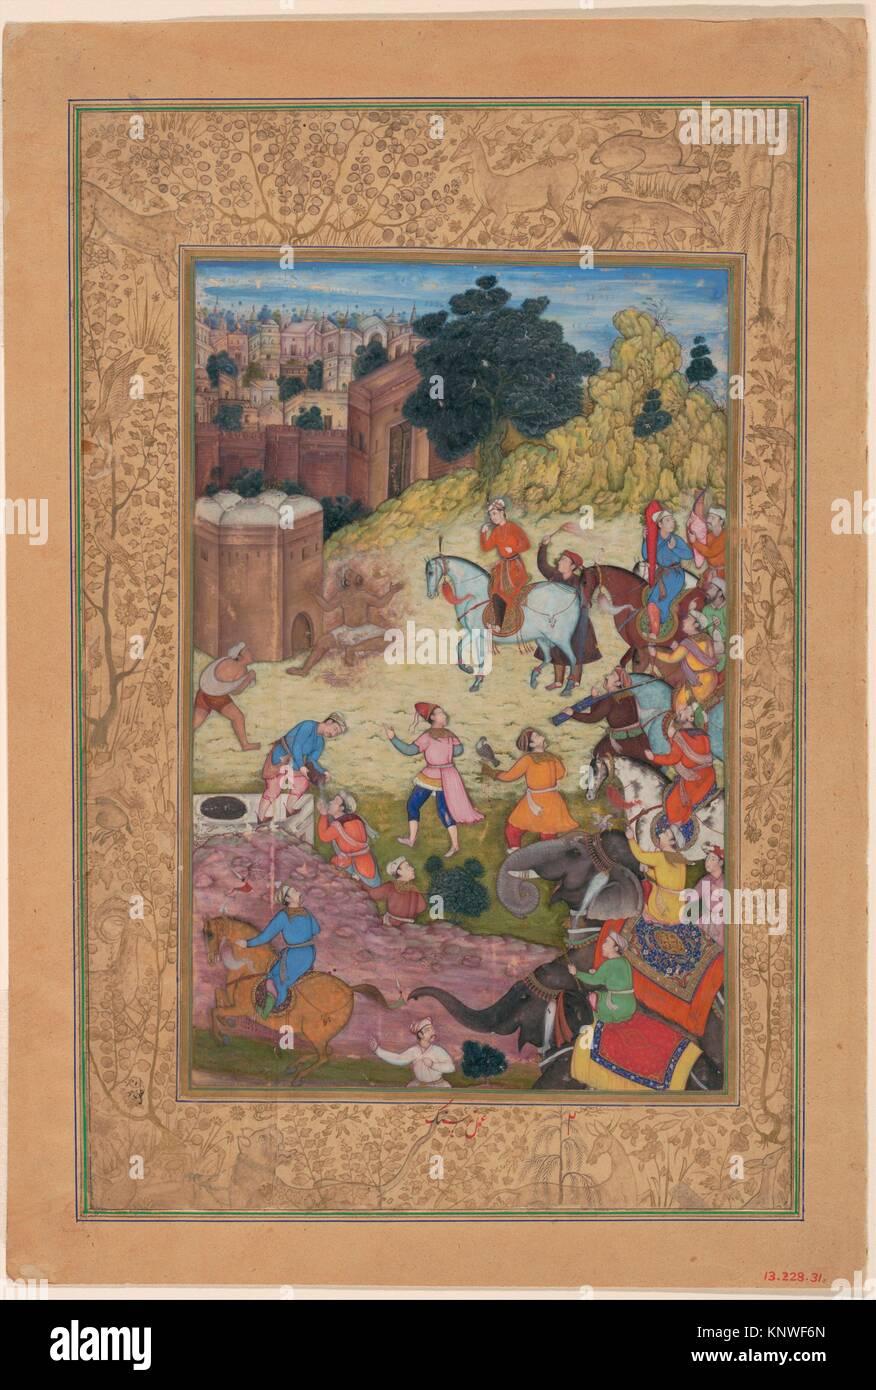 Un bain public Keeper est consommée par passion pour son bien-aimé, folio d'une Khamsa (Quintet) d'Amir Photo Stock